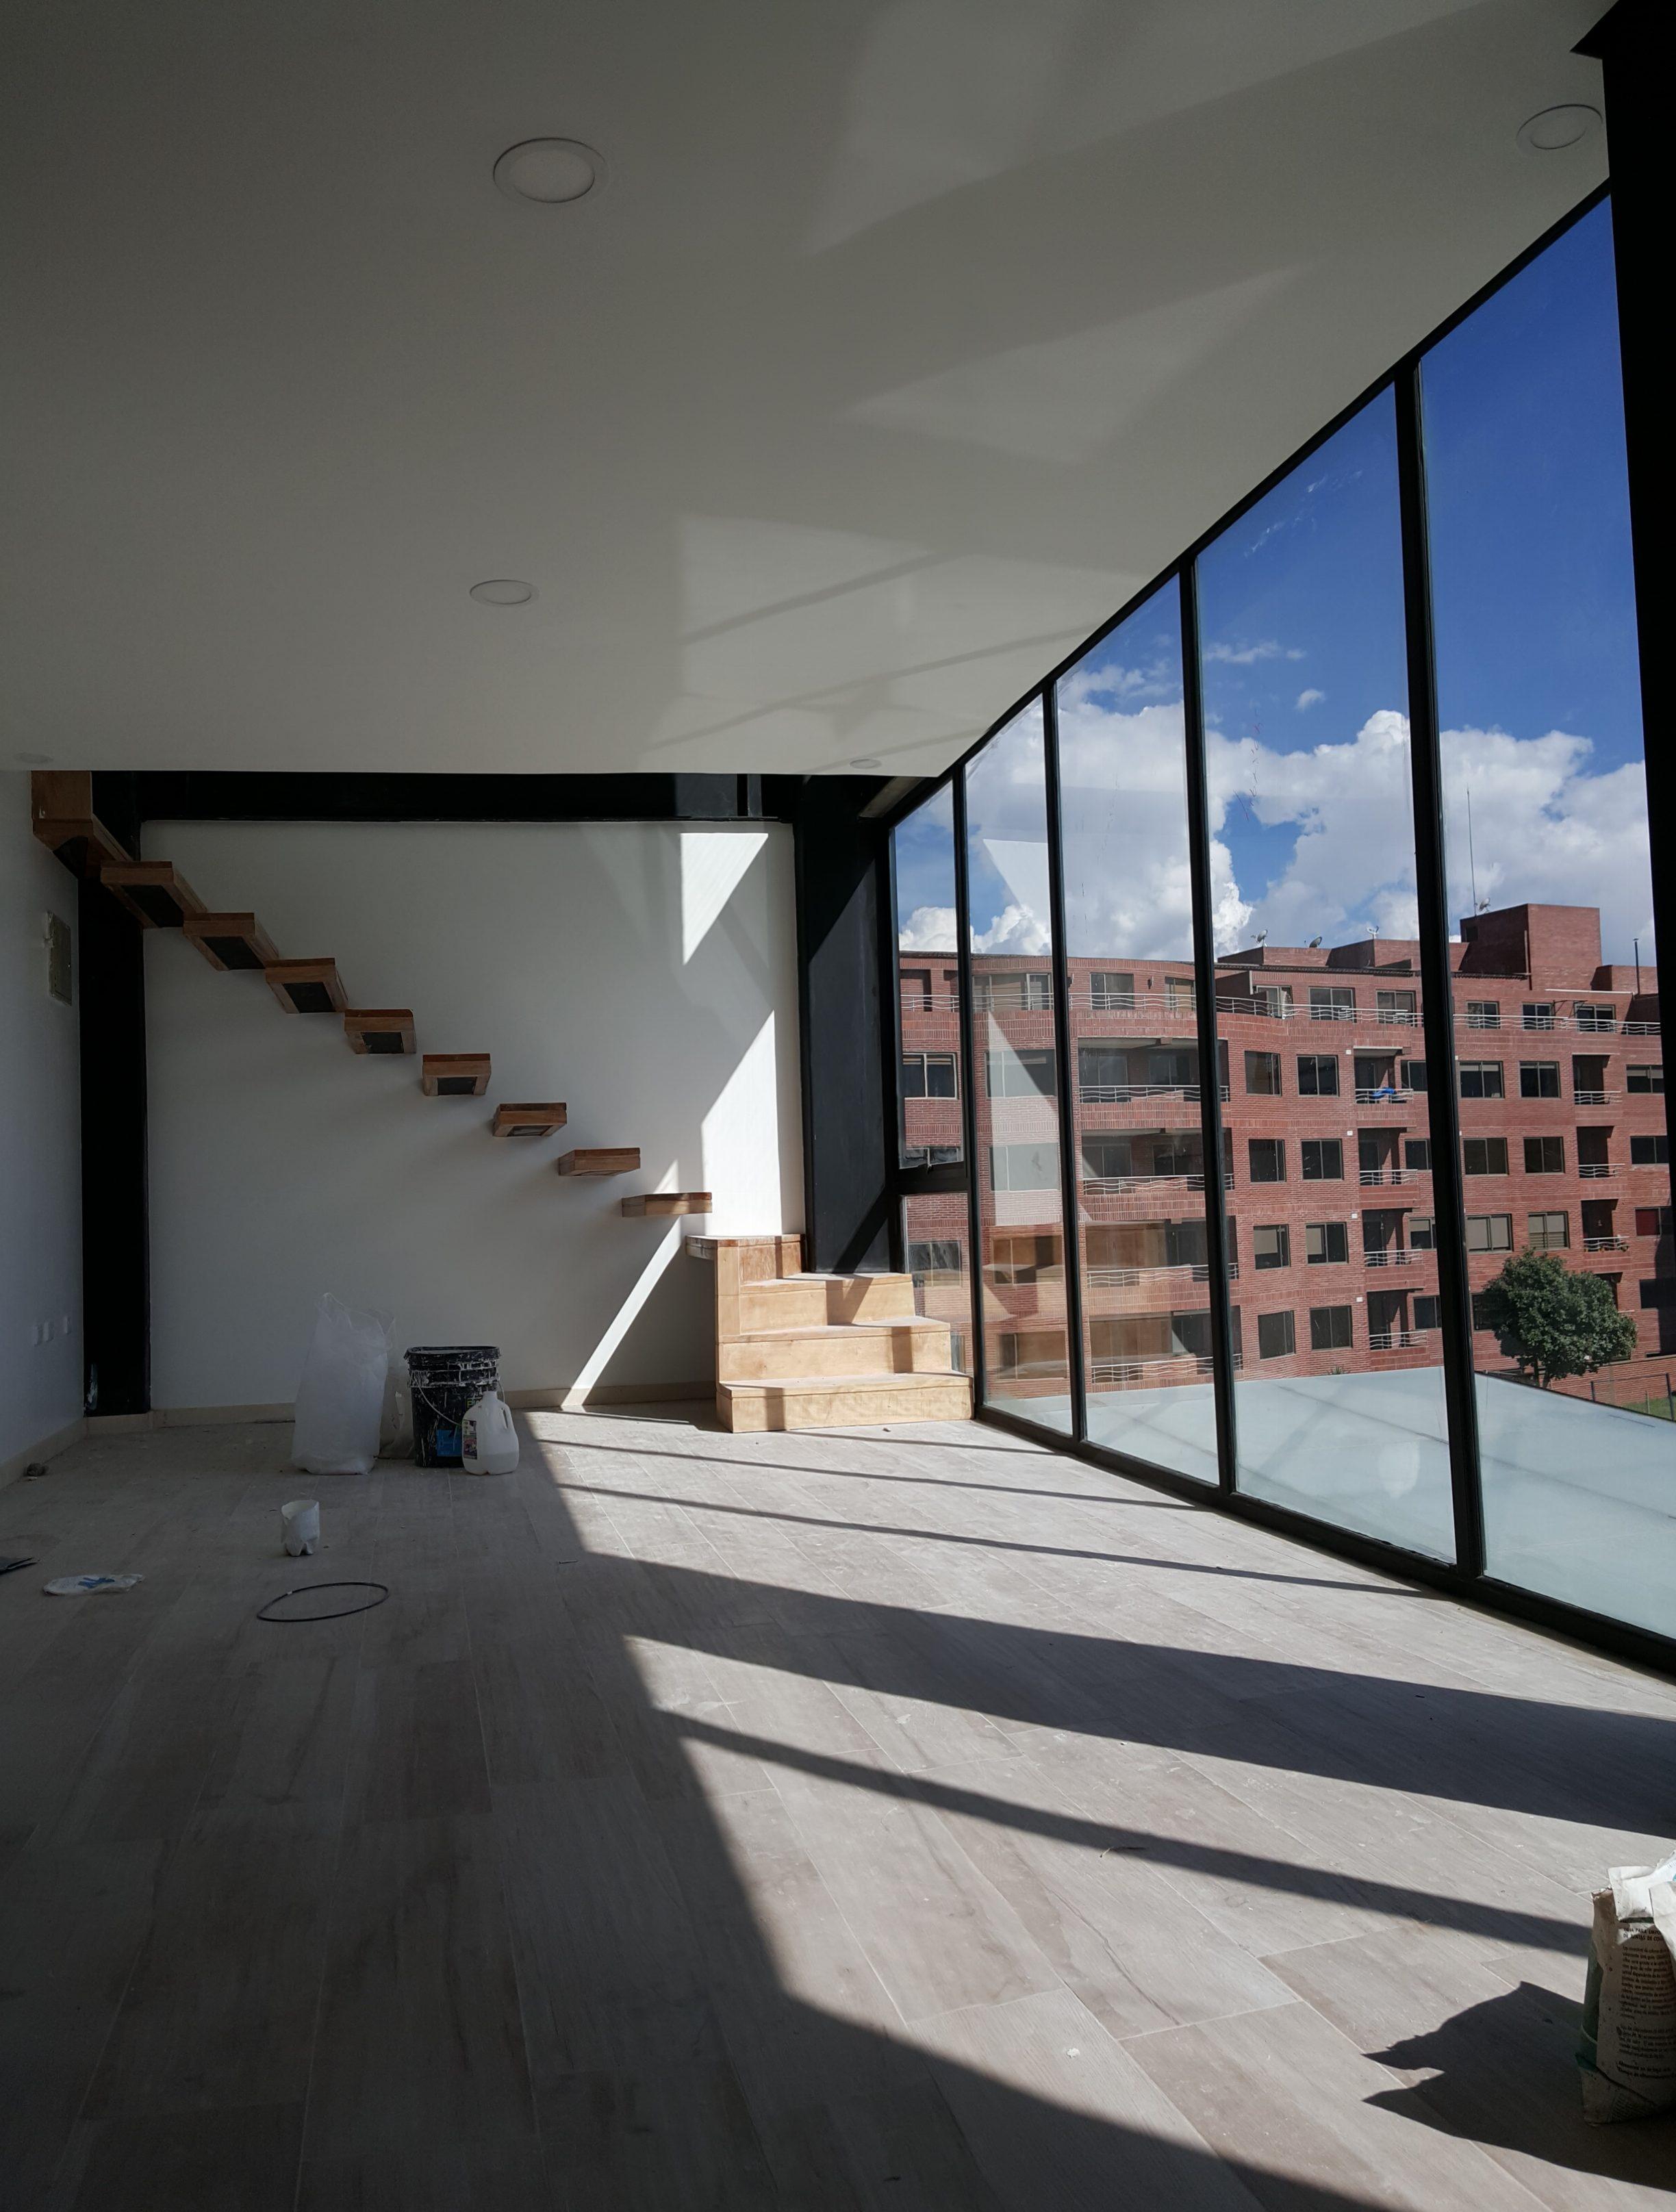 departamentos modernos 2016 con ventanales casas cuenca